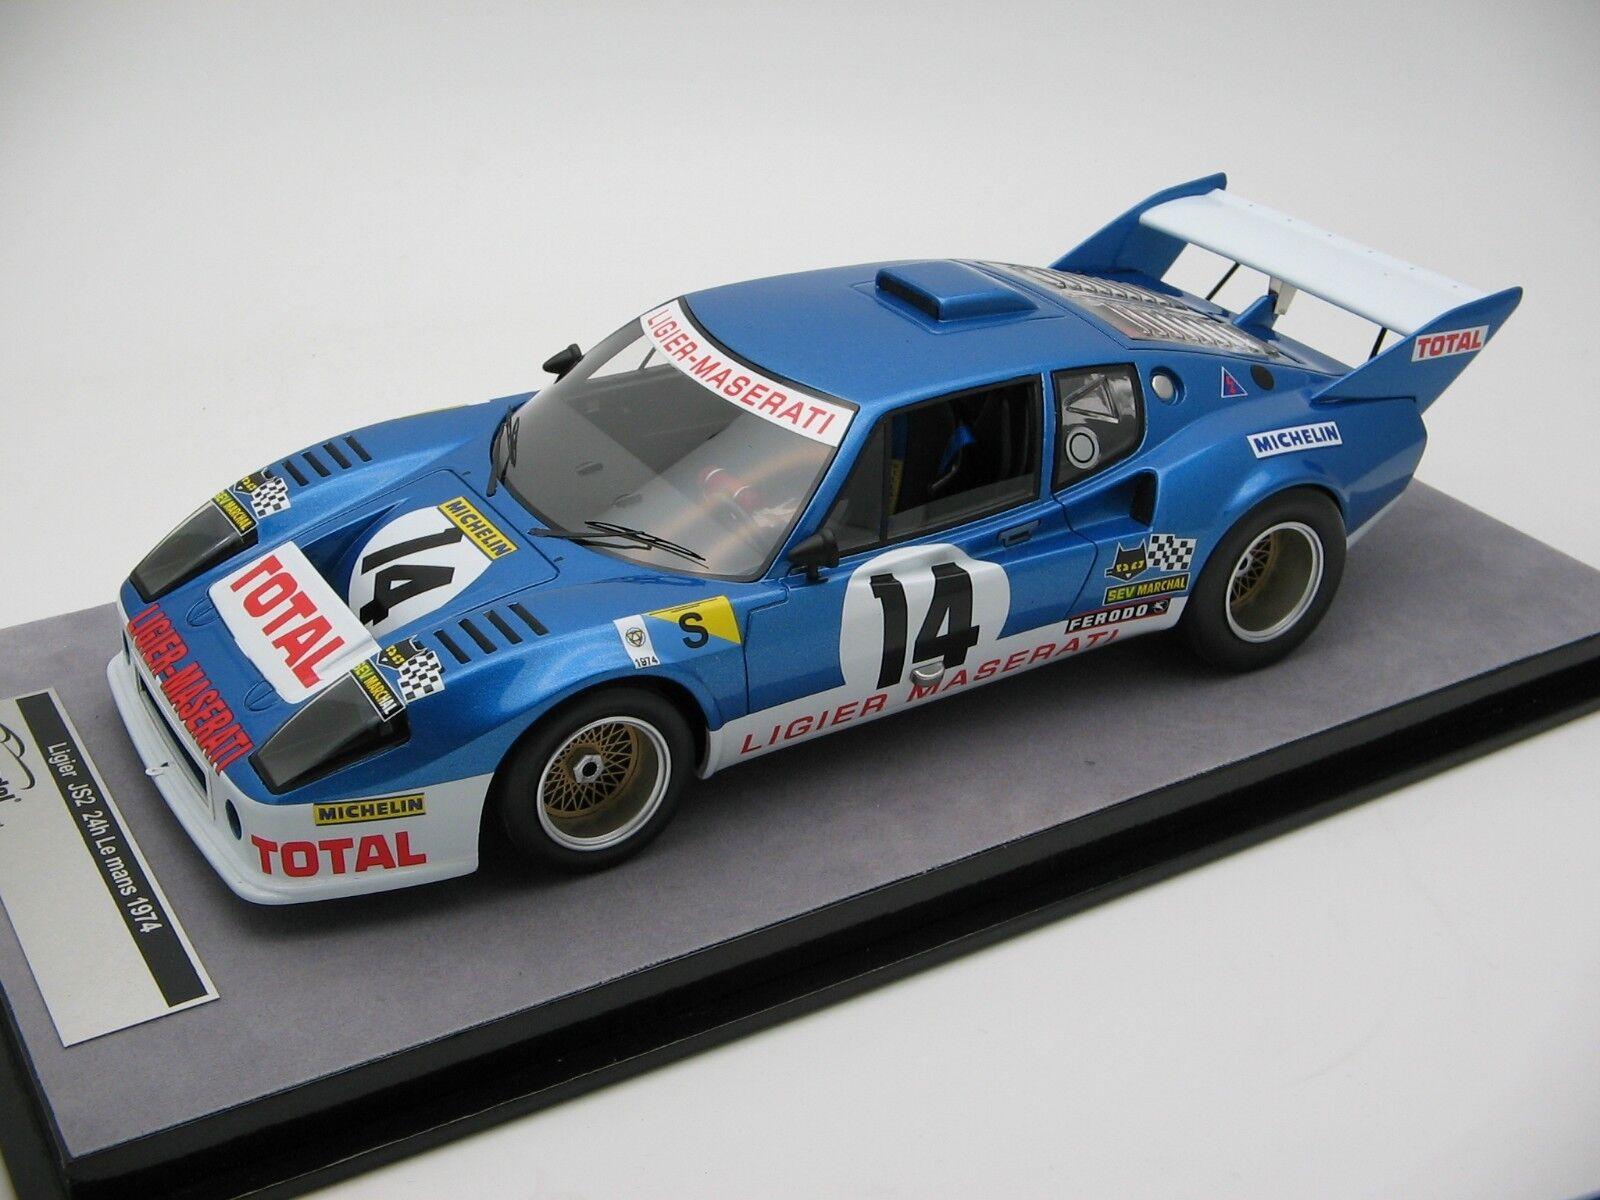 diseñador en linea 1 18 scale scale scale Tecnomodel Ligier JS2 Le Mans 24h 1974 - TM18-99B  toma